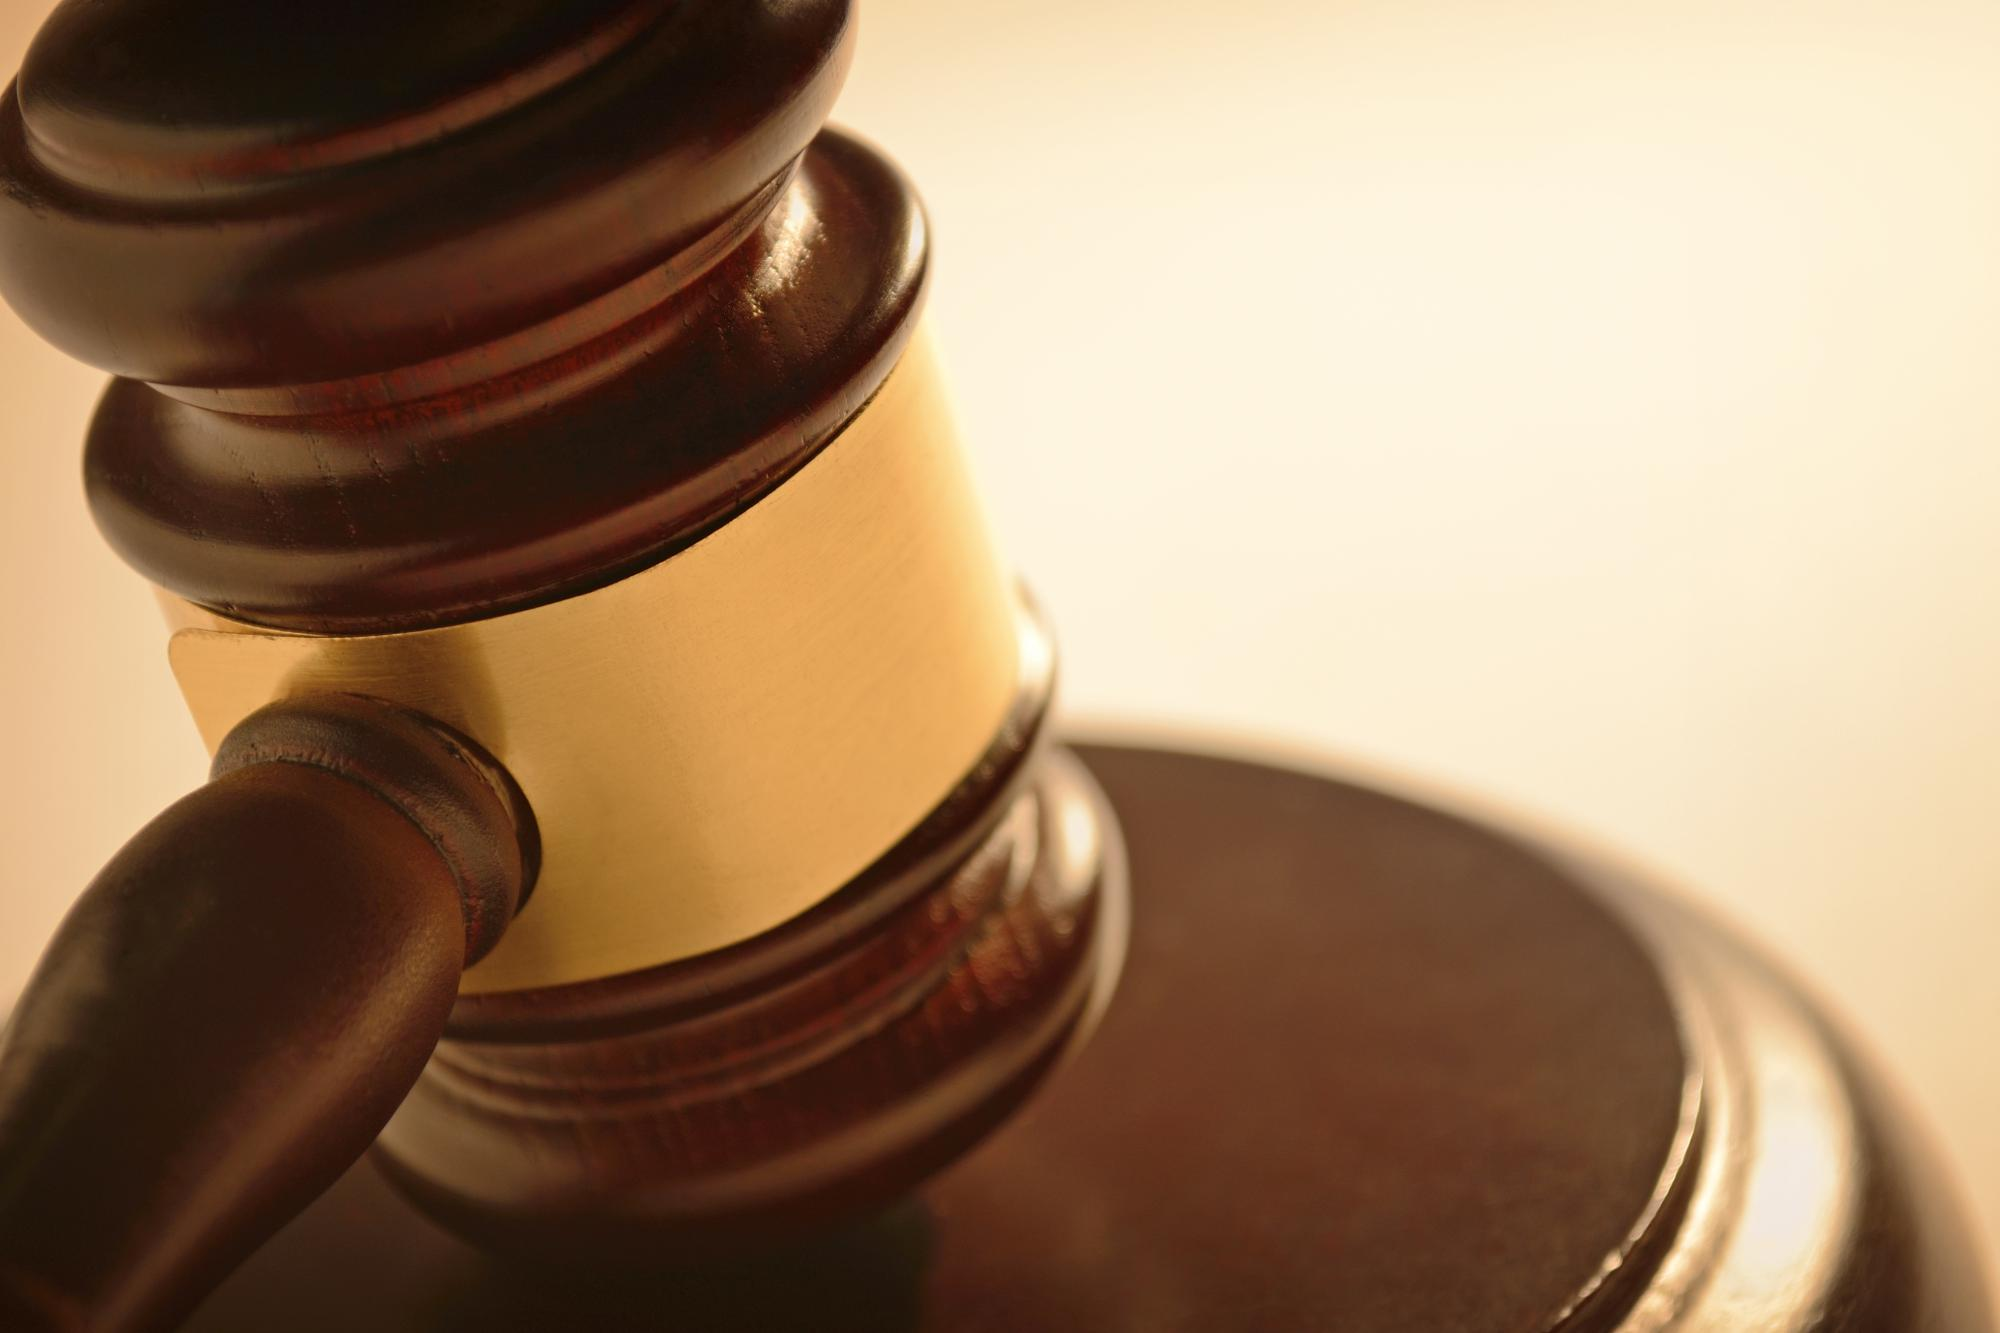 Высшие арбитры обратили внимание на статью в КоАП РФ, наказание по которой обойдется во много раз дороже